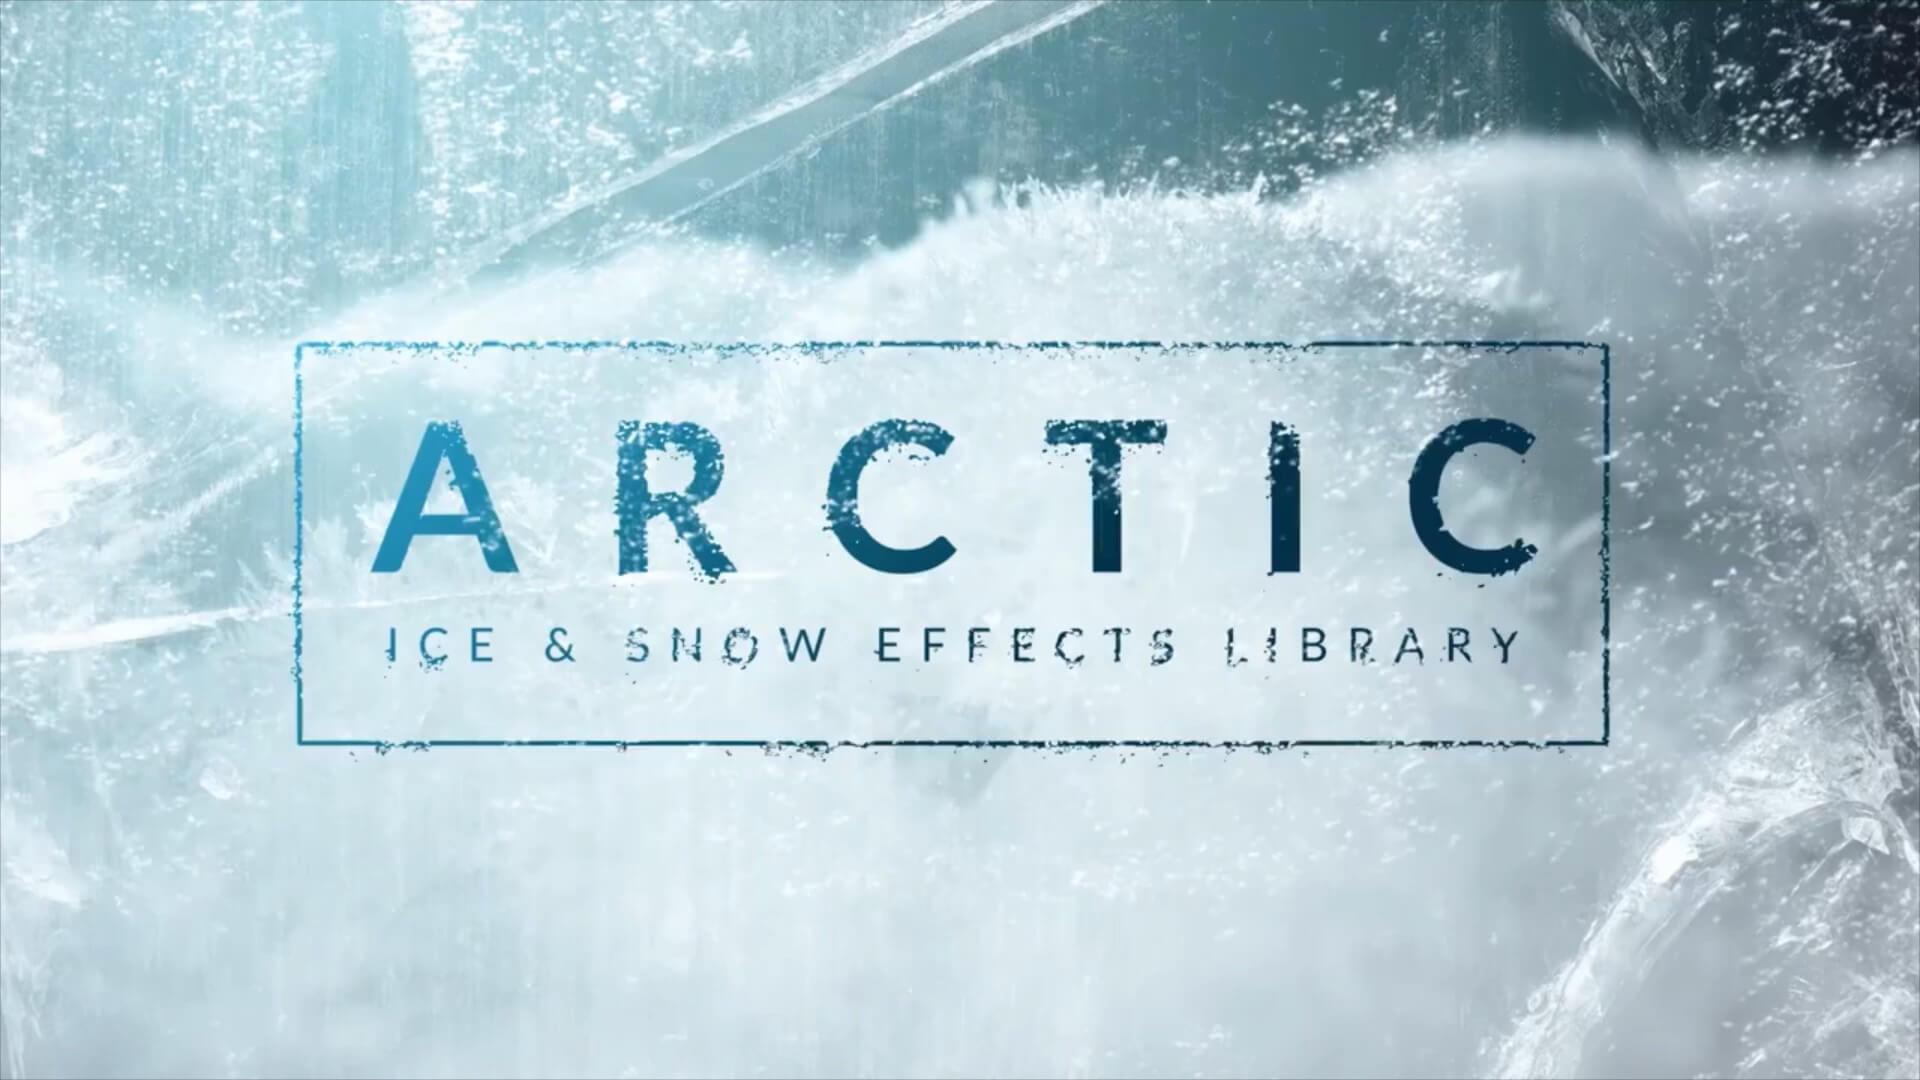 视频素材 79个4K下雪飘雪结冰冬天寒冷冰块破碎特效合成 Arctic